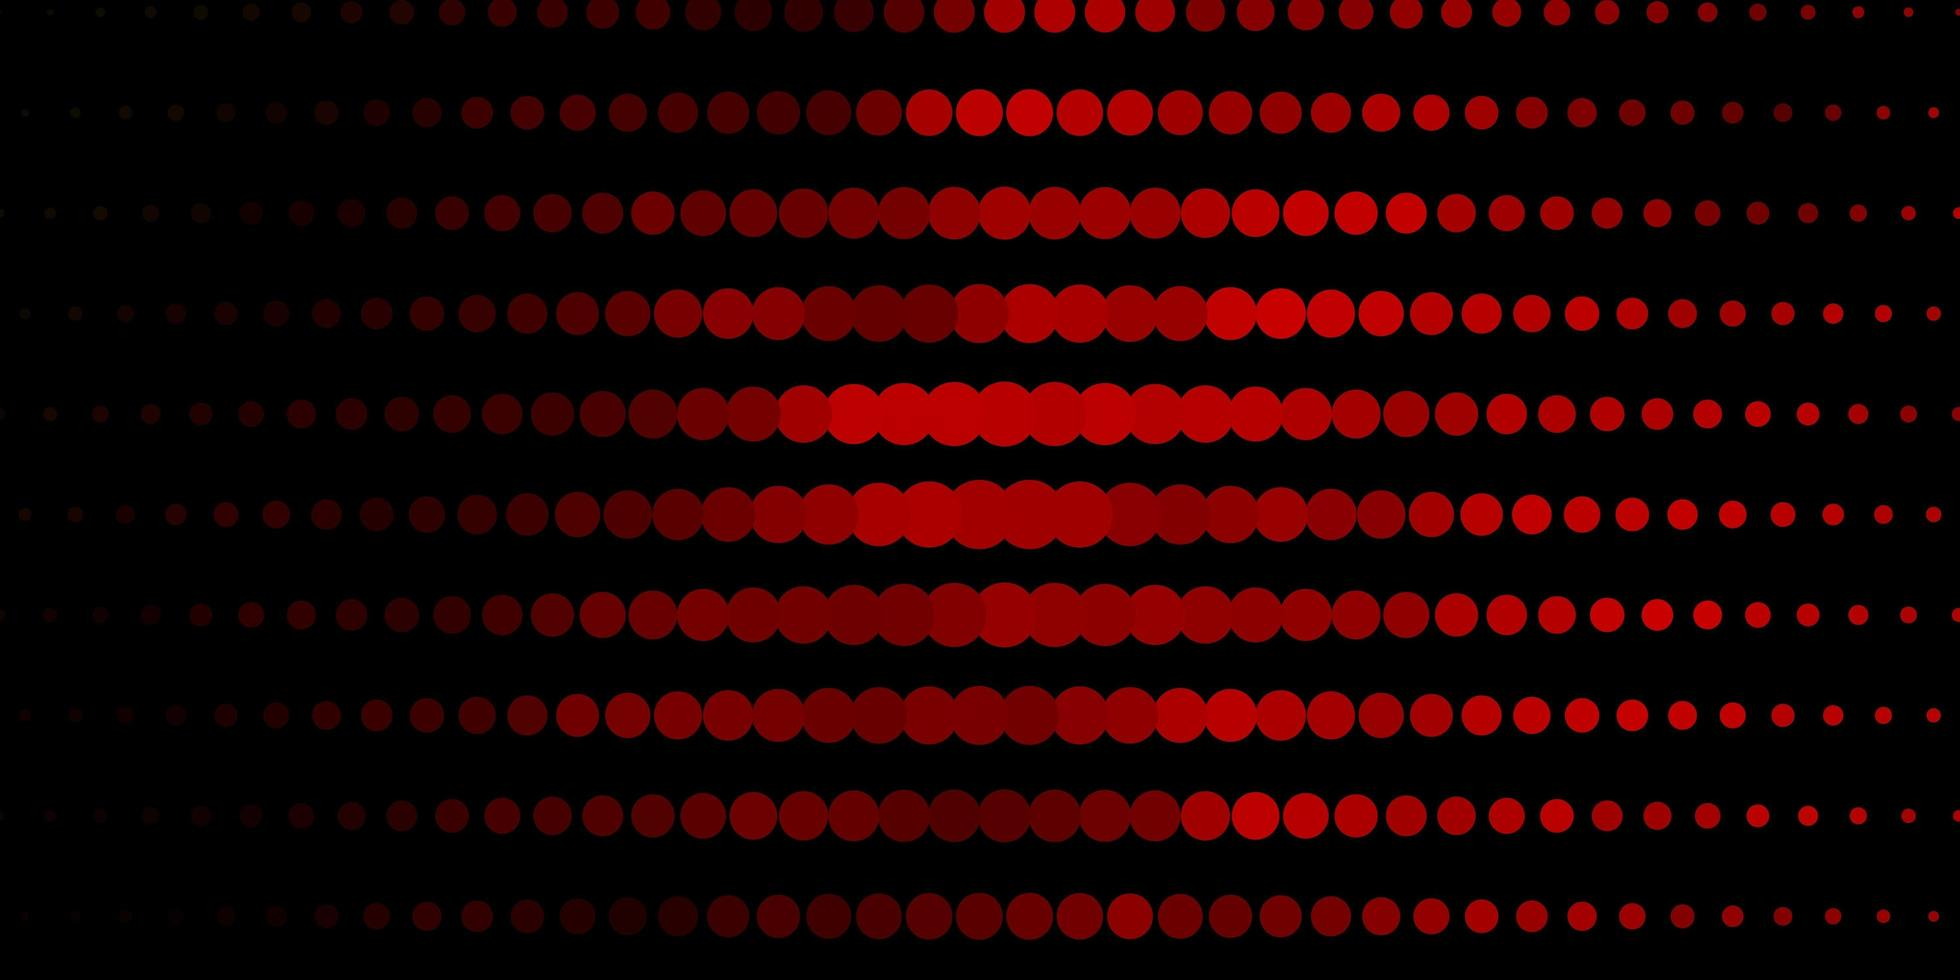 modello vettoriale rosso scuro con cerchi.